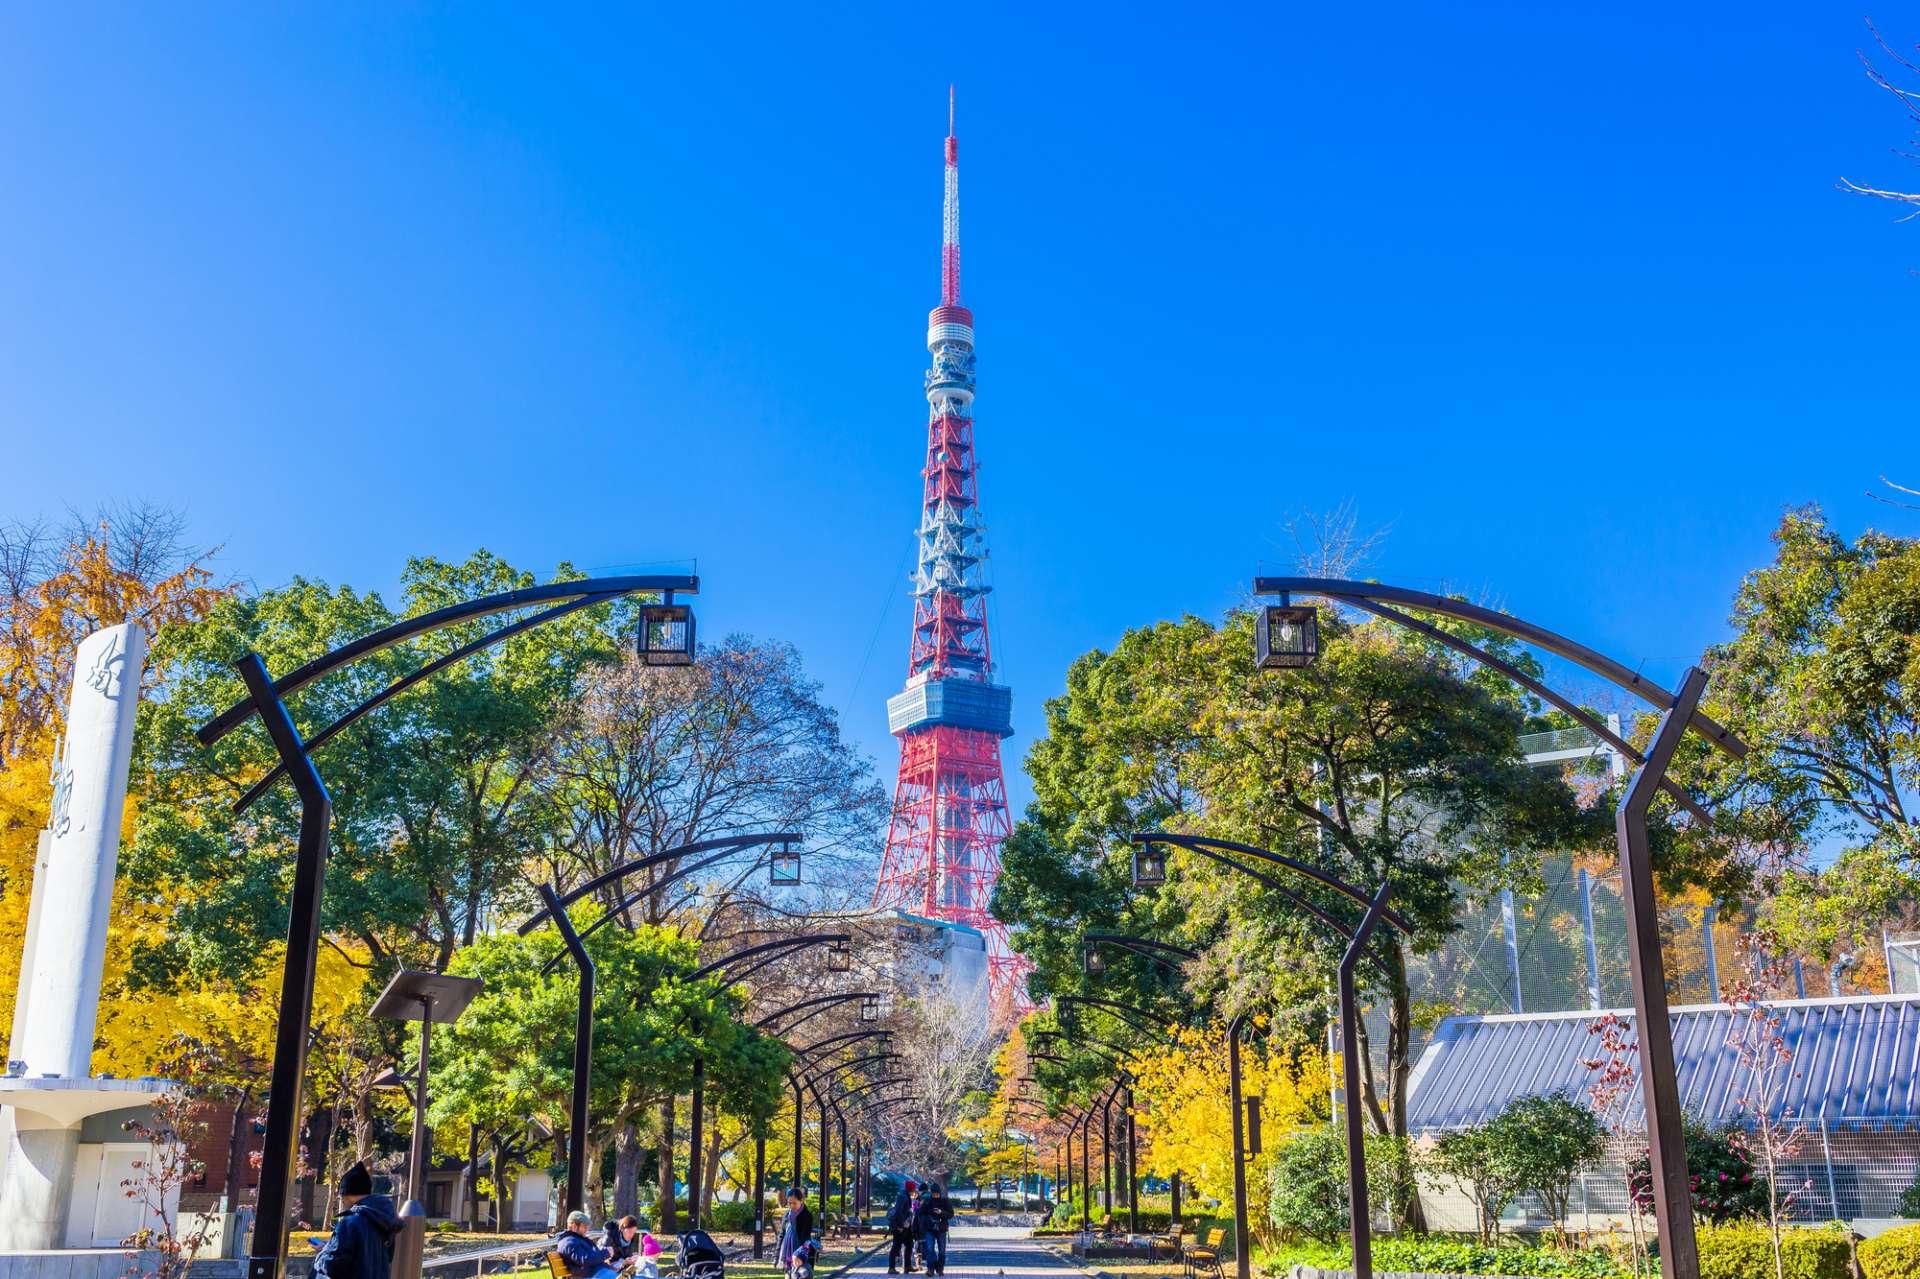 從芝公園4號地拍到的東京鐵塔